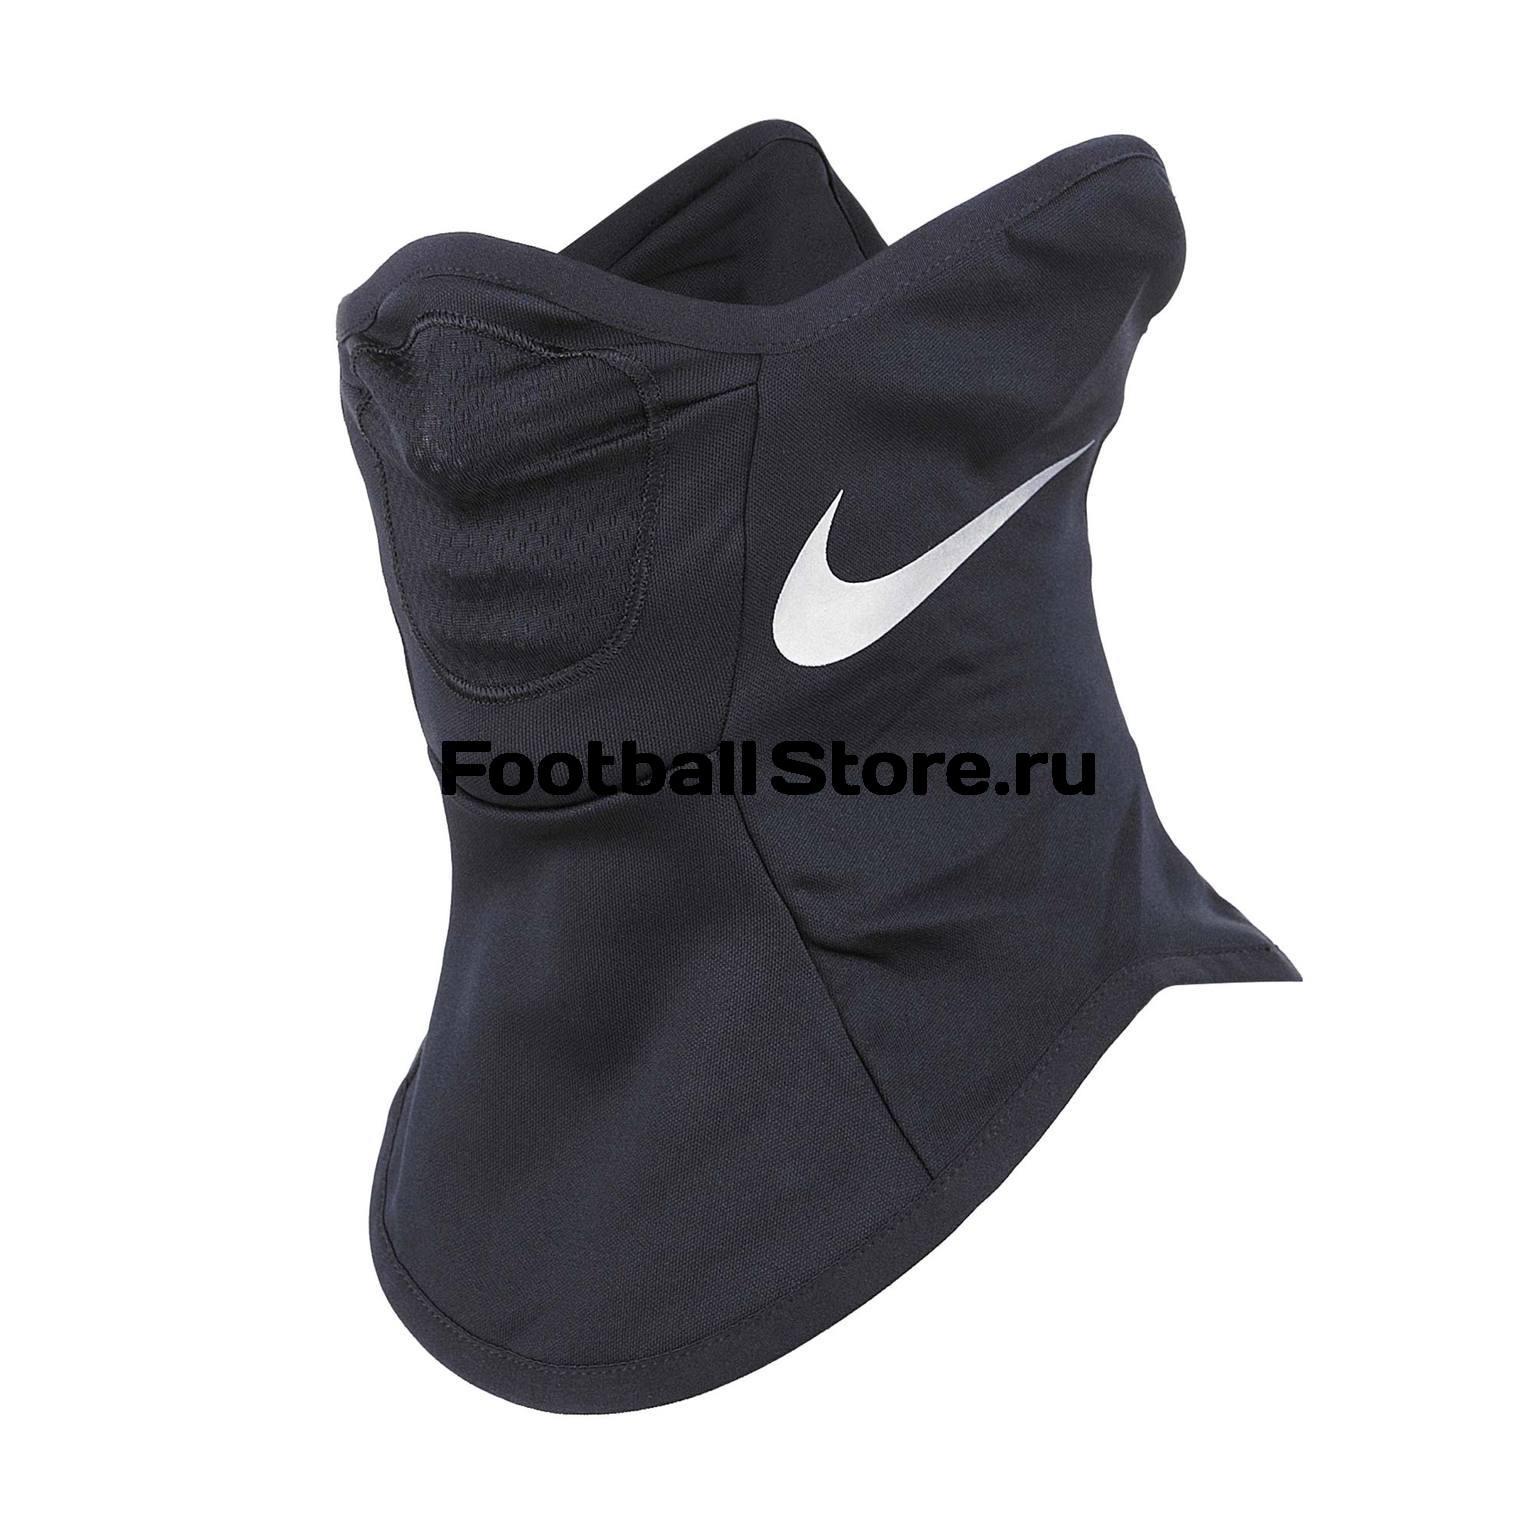 Повязка на шею Nike SQD Snood (Гейтор) AQ8233-011 повязка на шею гейтор nike basic warmer n wa 55 010 os